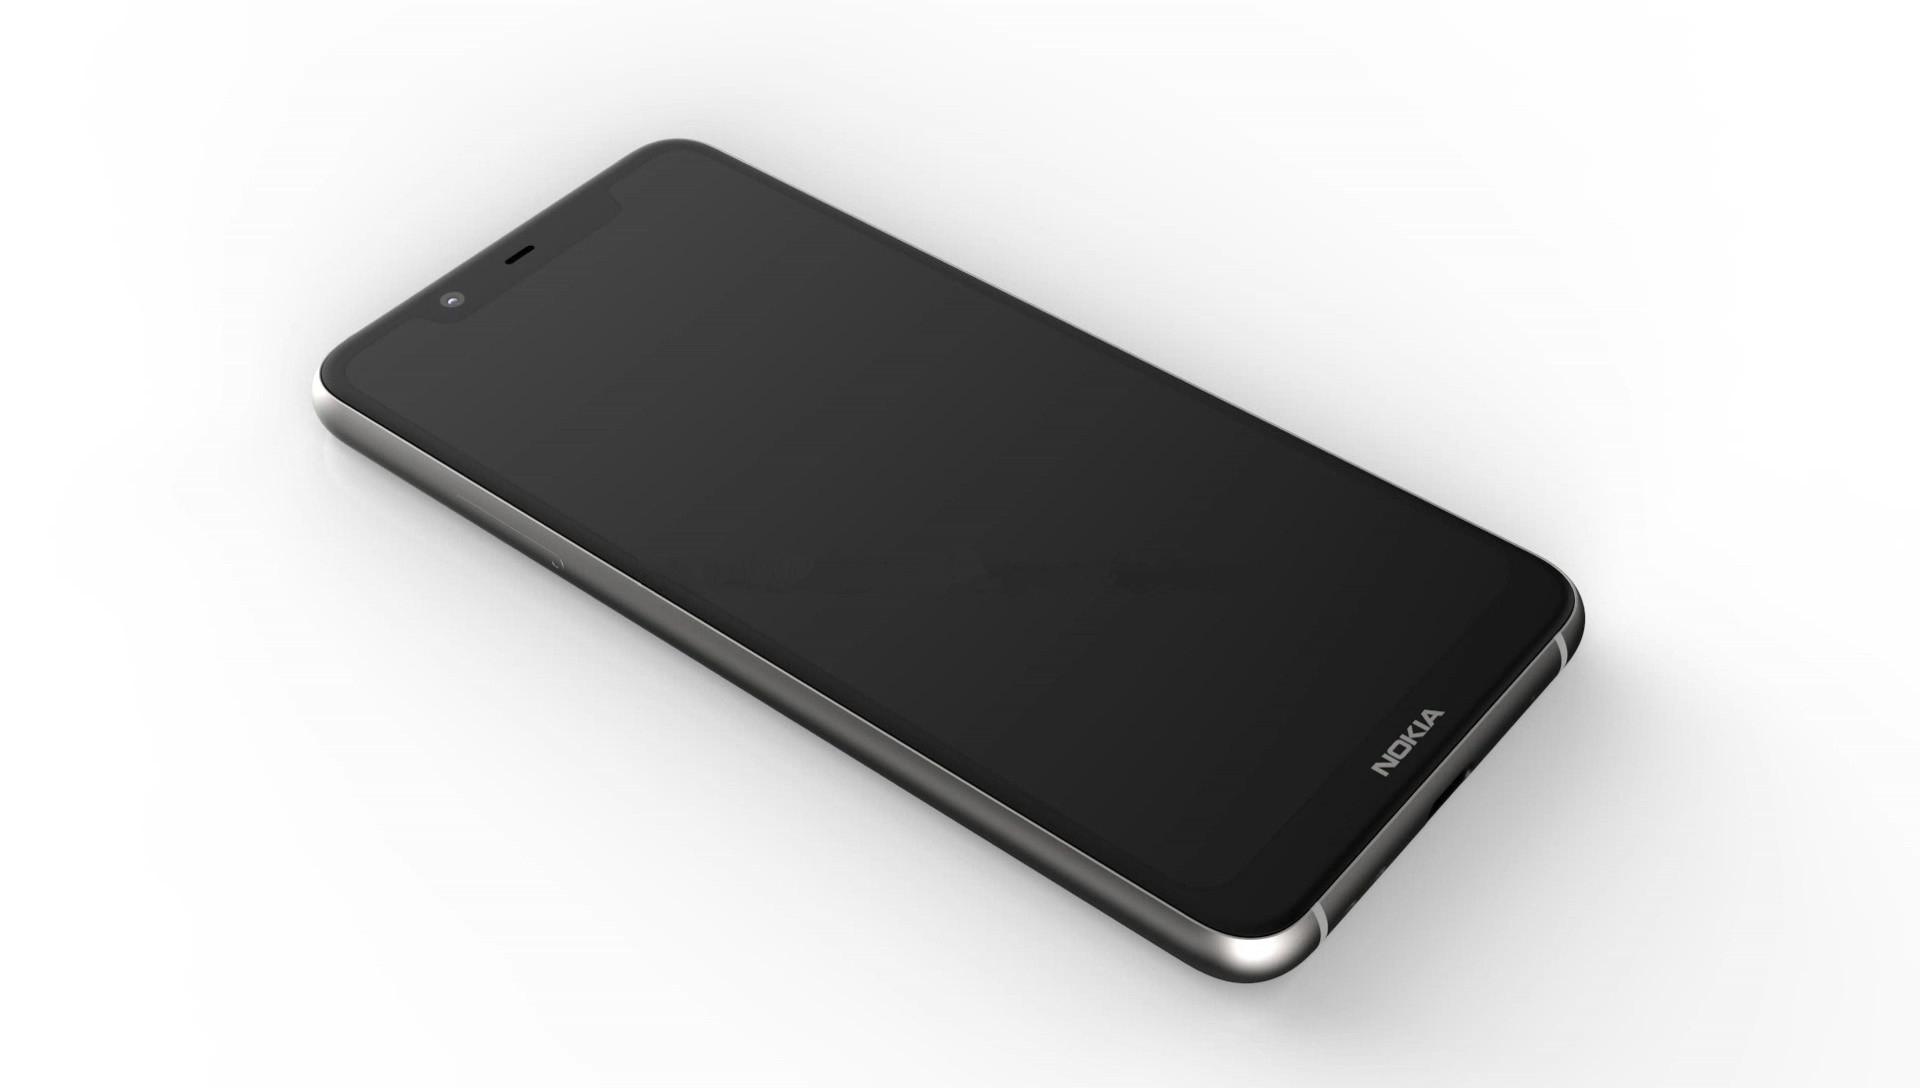 جوال Nokia 5-1 Plus إمكانياته ومواصفاته وصوره